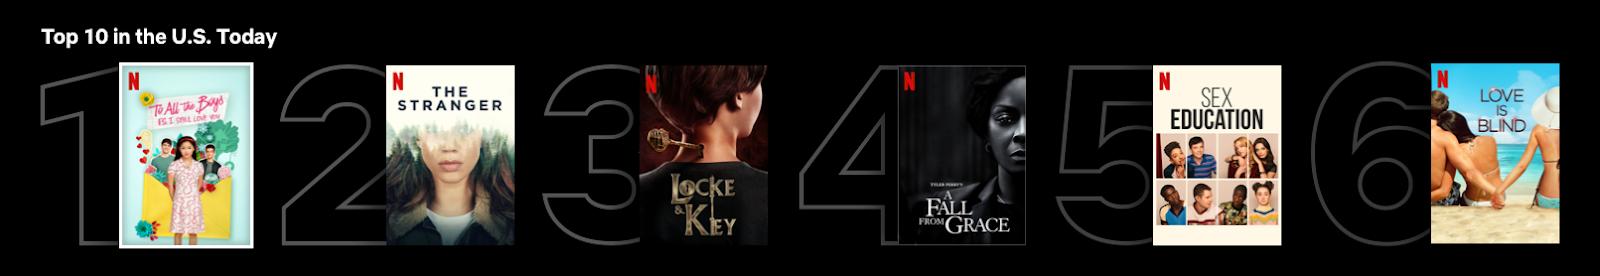 Netflix Top 10 1